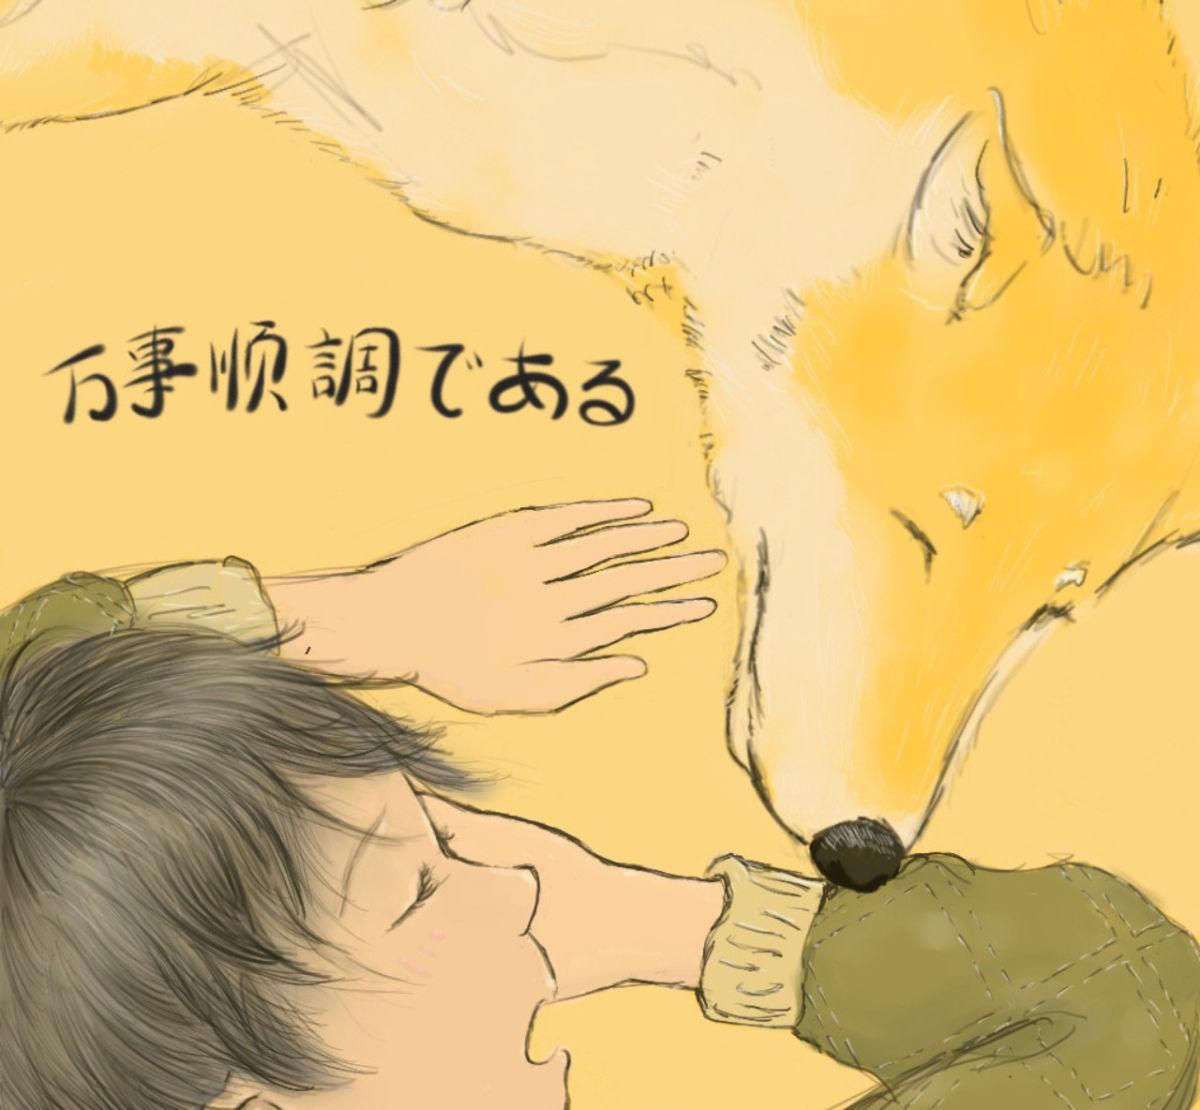 日系少女与可爱柴犬的慵懒日常